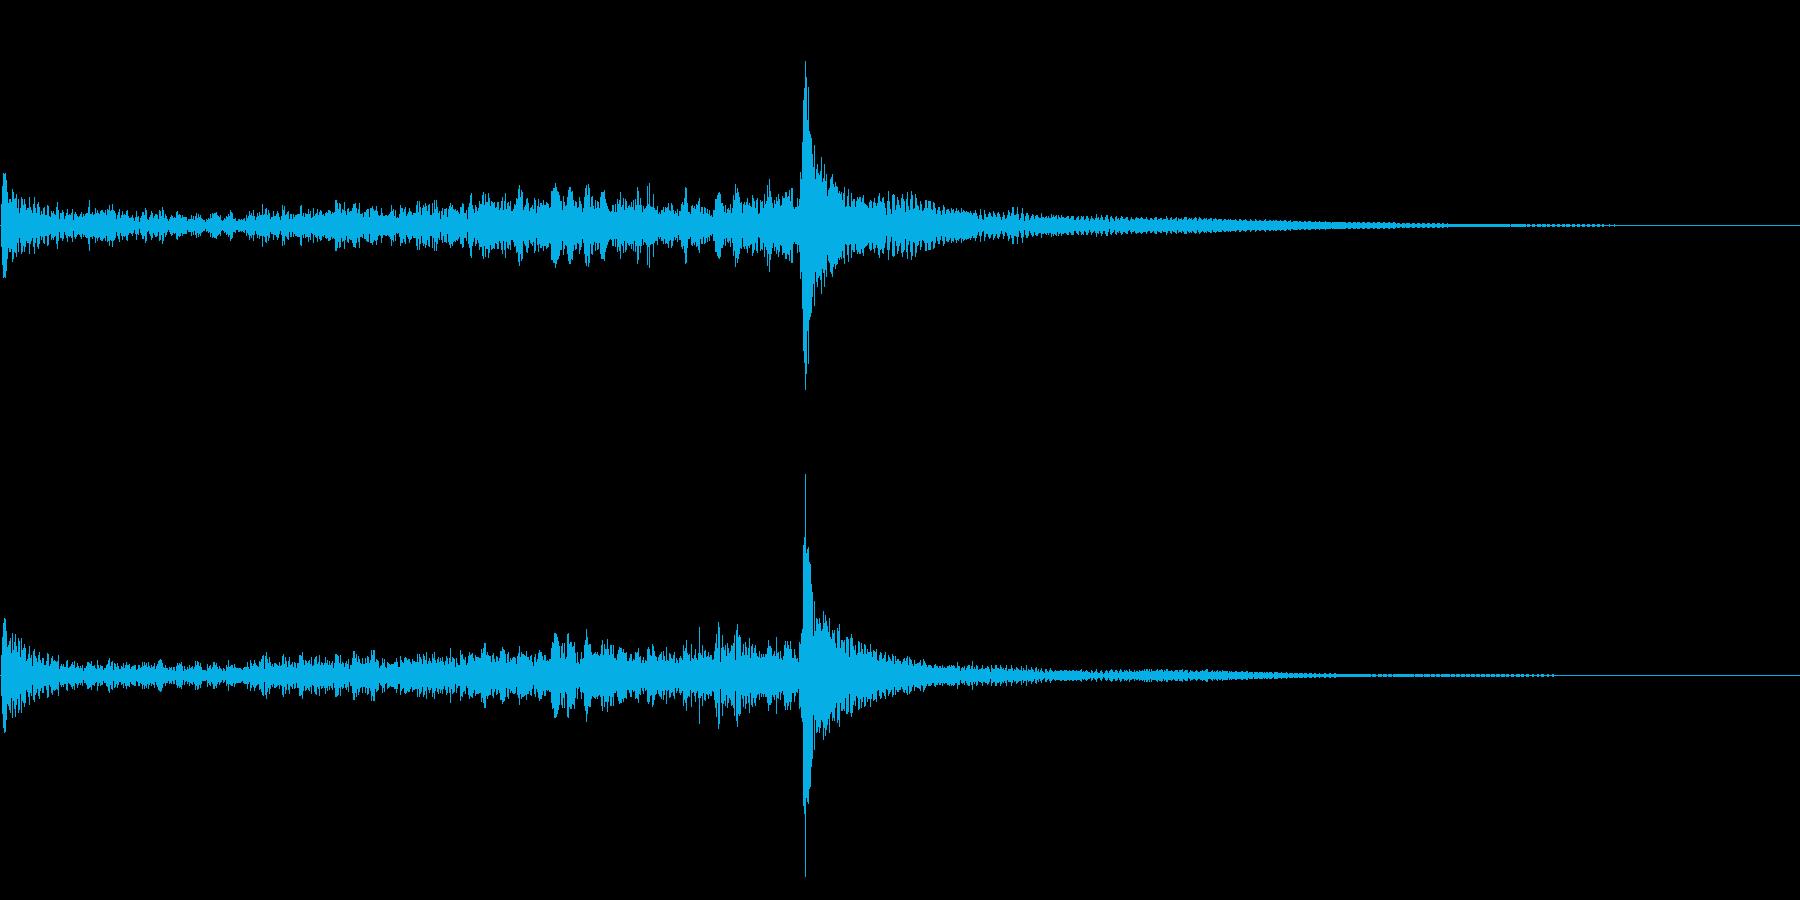 ティンパニーロール☆ミドル1の再生済みの波形